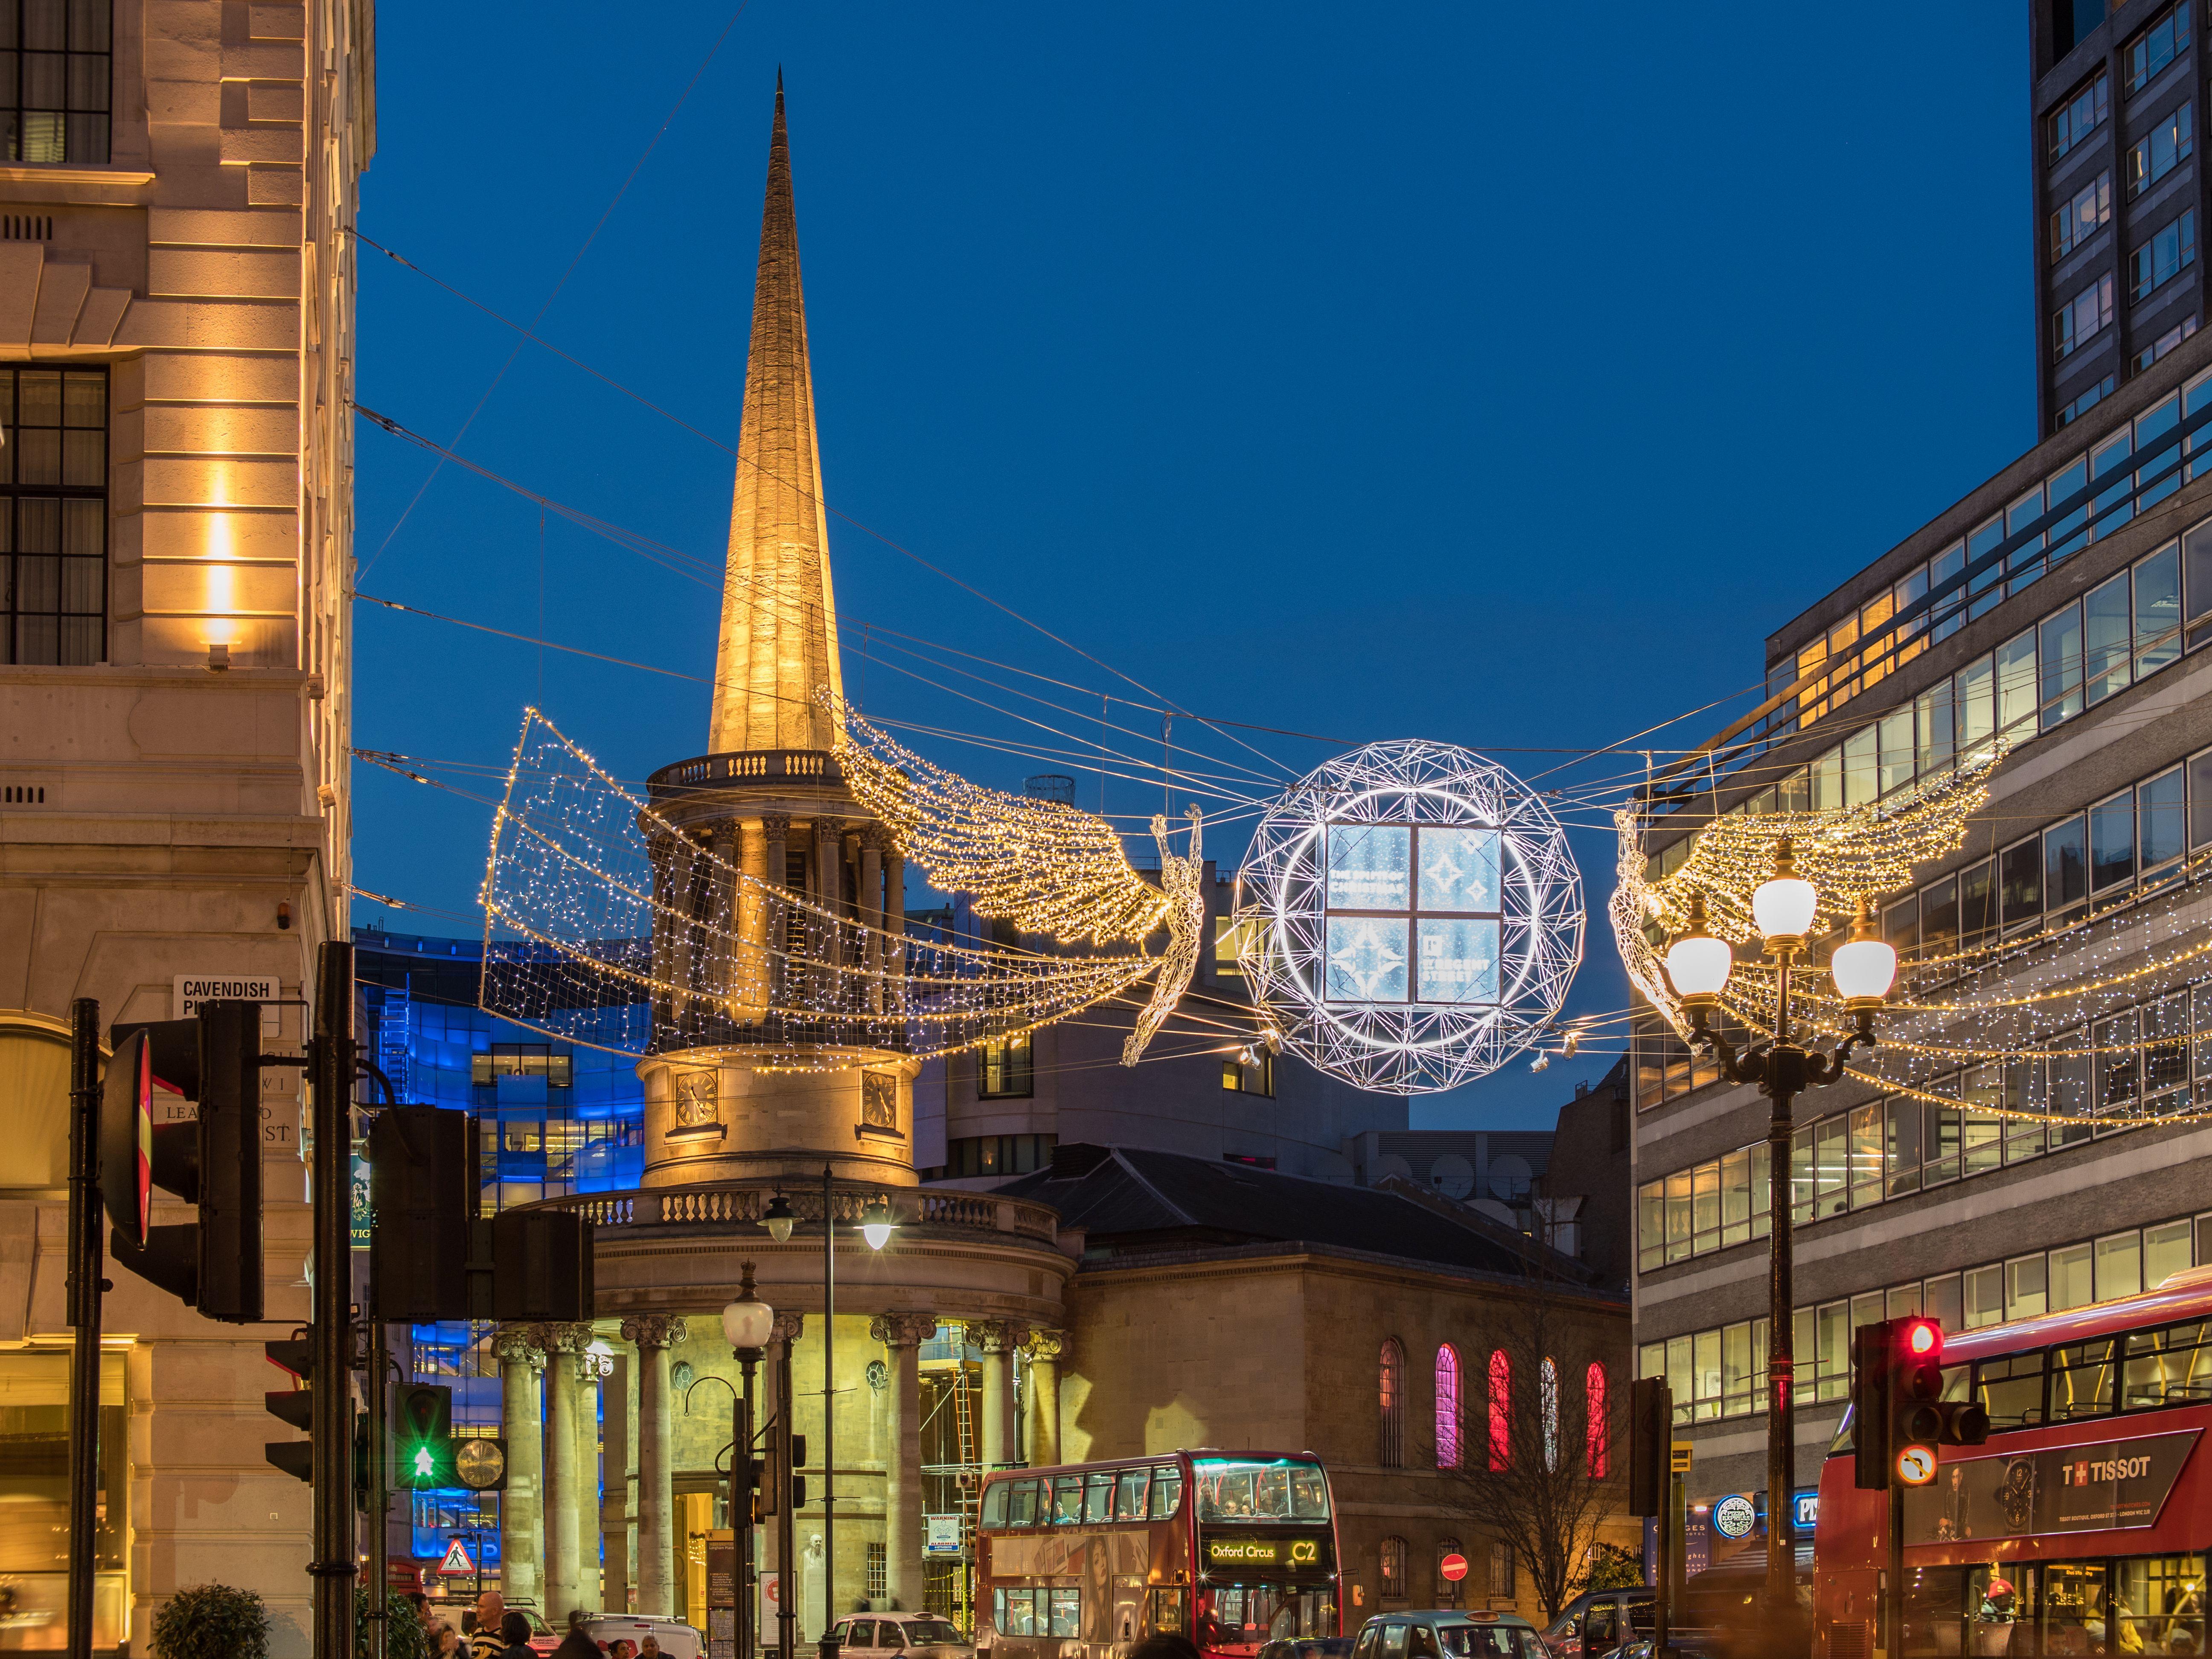 #ロンドン #クリスマス #クリスマスツリー  #海外のクリスマス #ヨーロッパのクリスマス #イギリス #ロンドン旅行 #イルミネーション #ヨーロッパ旅行 #イギリス留学 #ロンドンバス #ロンドン観光 #クリスマスマーケット #london #picadillycircus #ヨーロッパ大好き #トラベルフォトグラファー #christmas #regentstreet #londonbus #illumination #travelphotography #ヨーロッパ生活